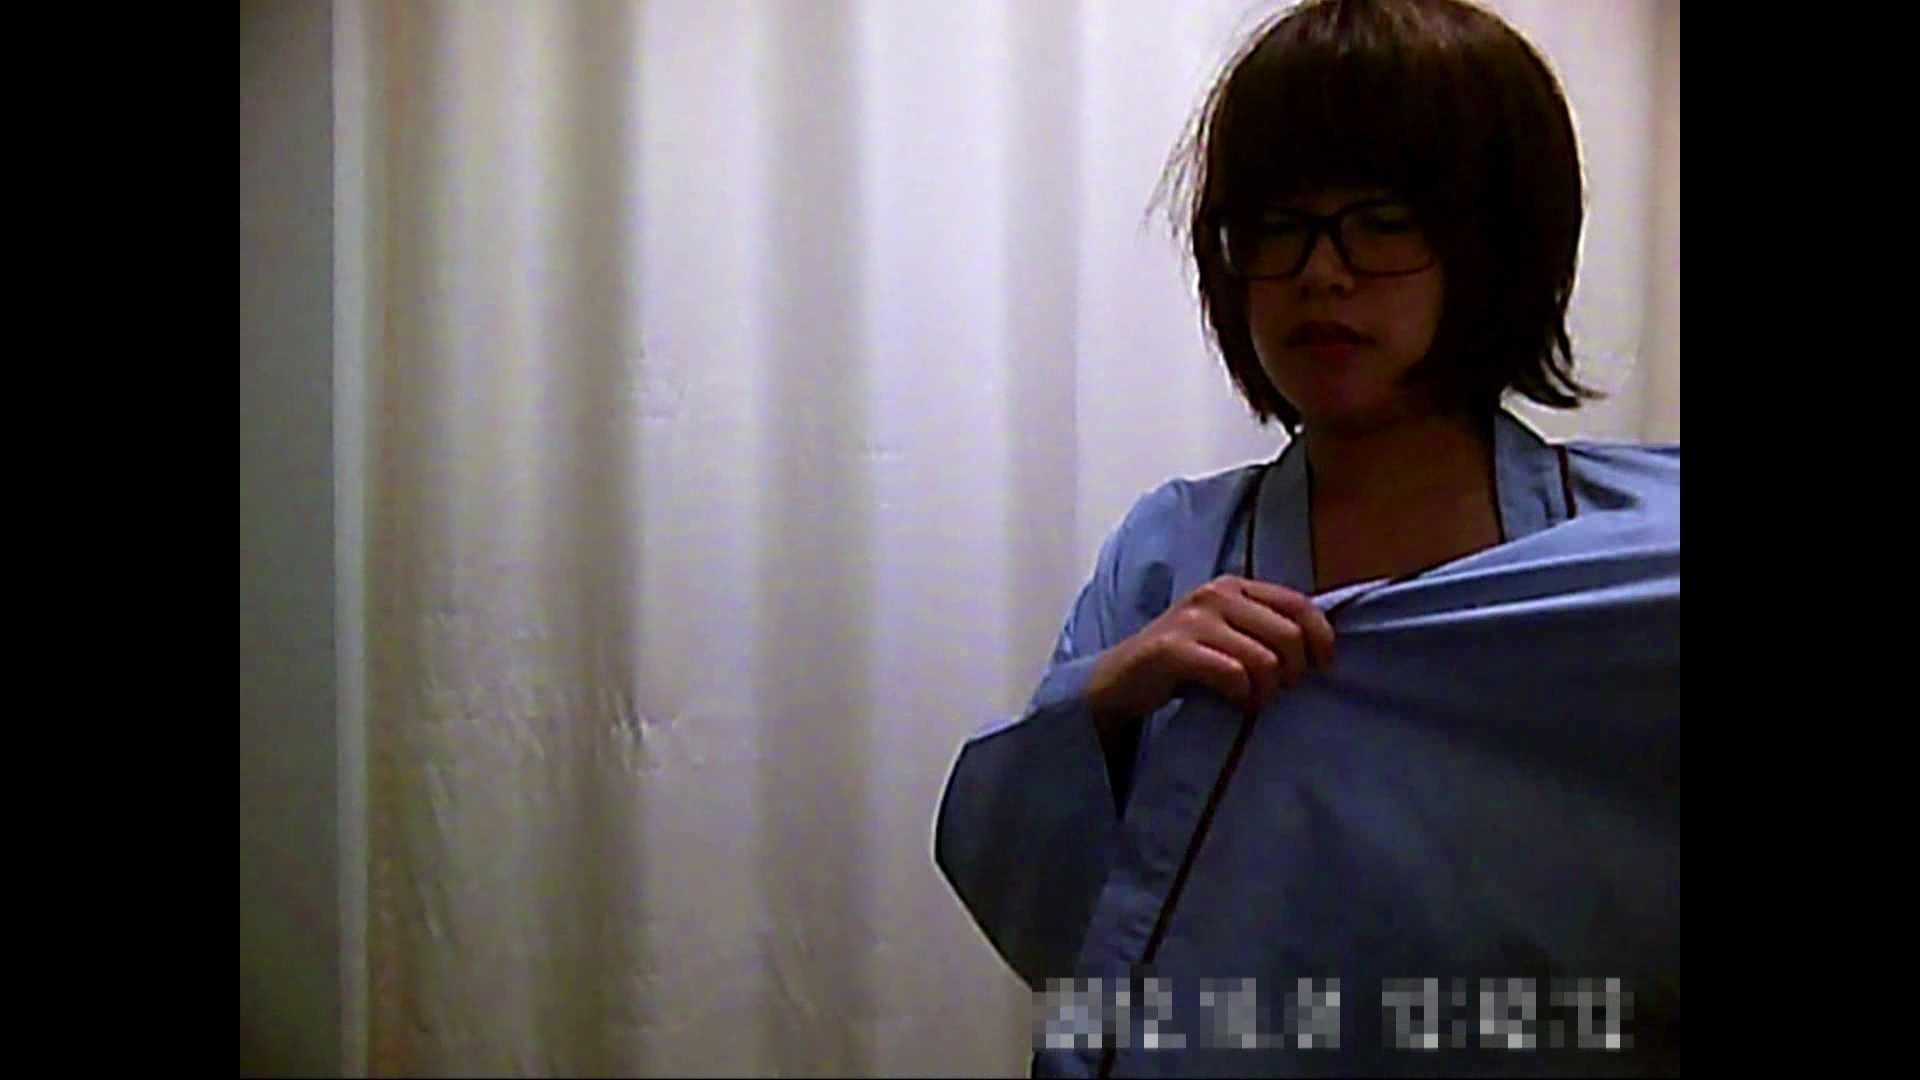 元医者による反抗 更衣室地獄絵巻 vol.070 エッチなお姉さん  19画像 3